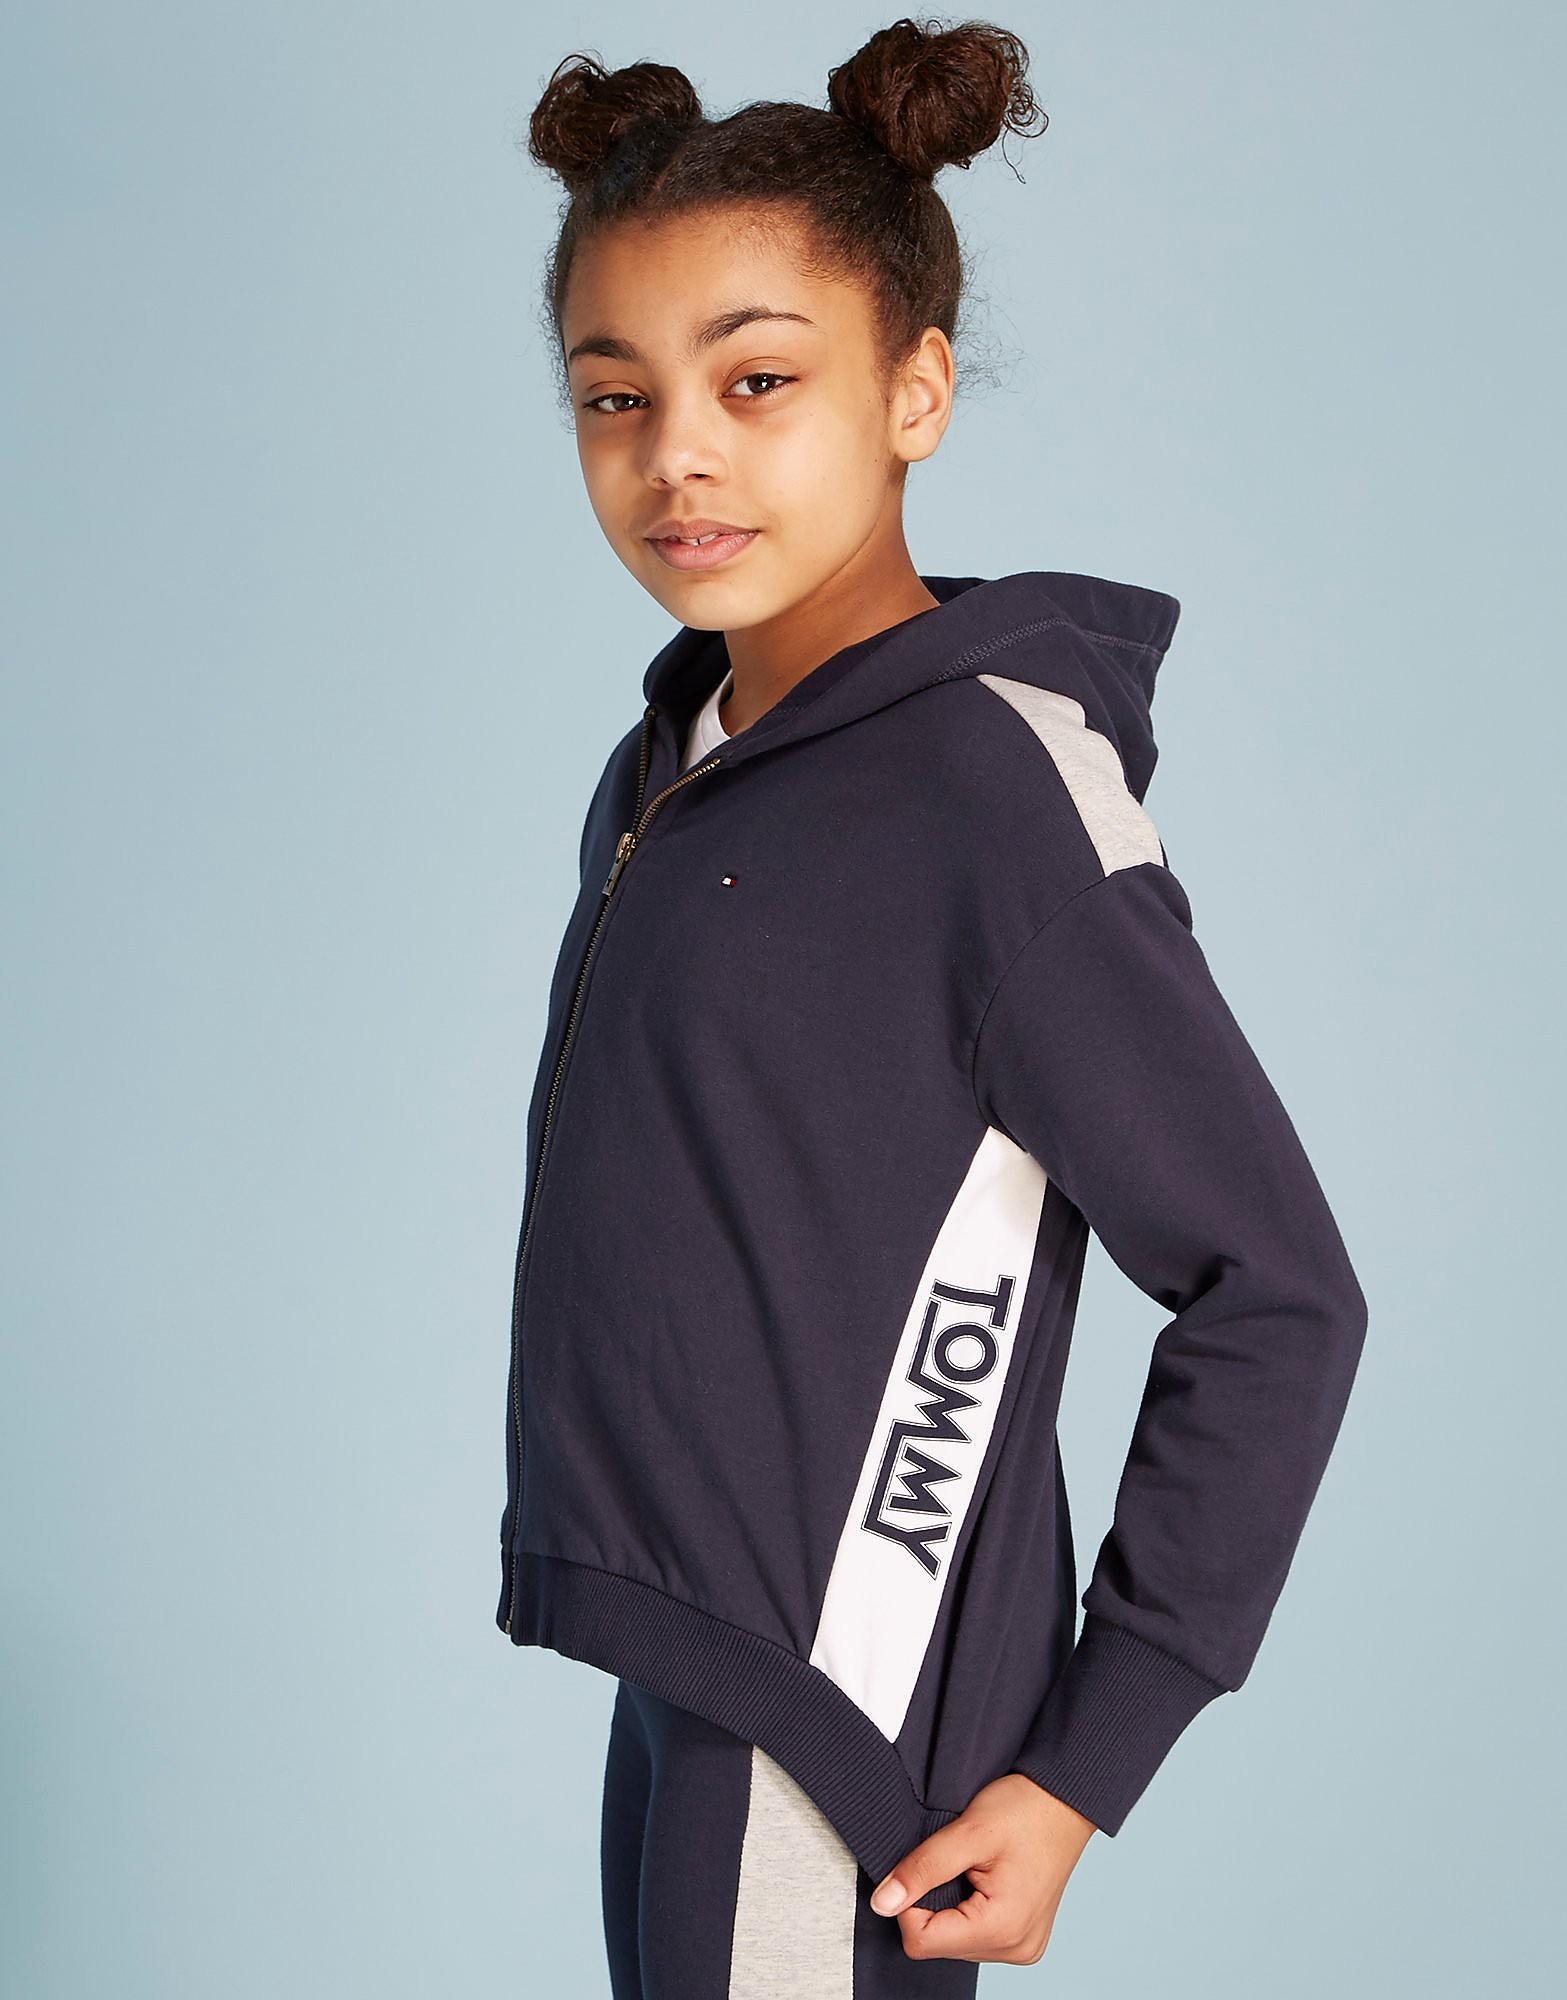 Tommy Hilfiger Girls' Crop Hoodie Junior